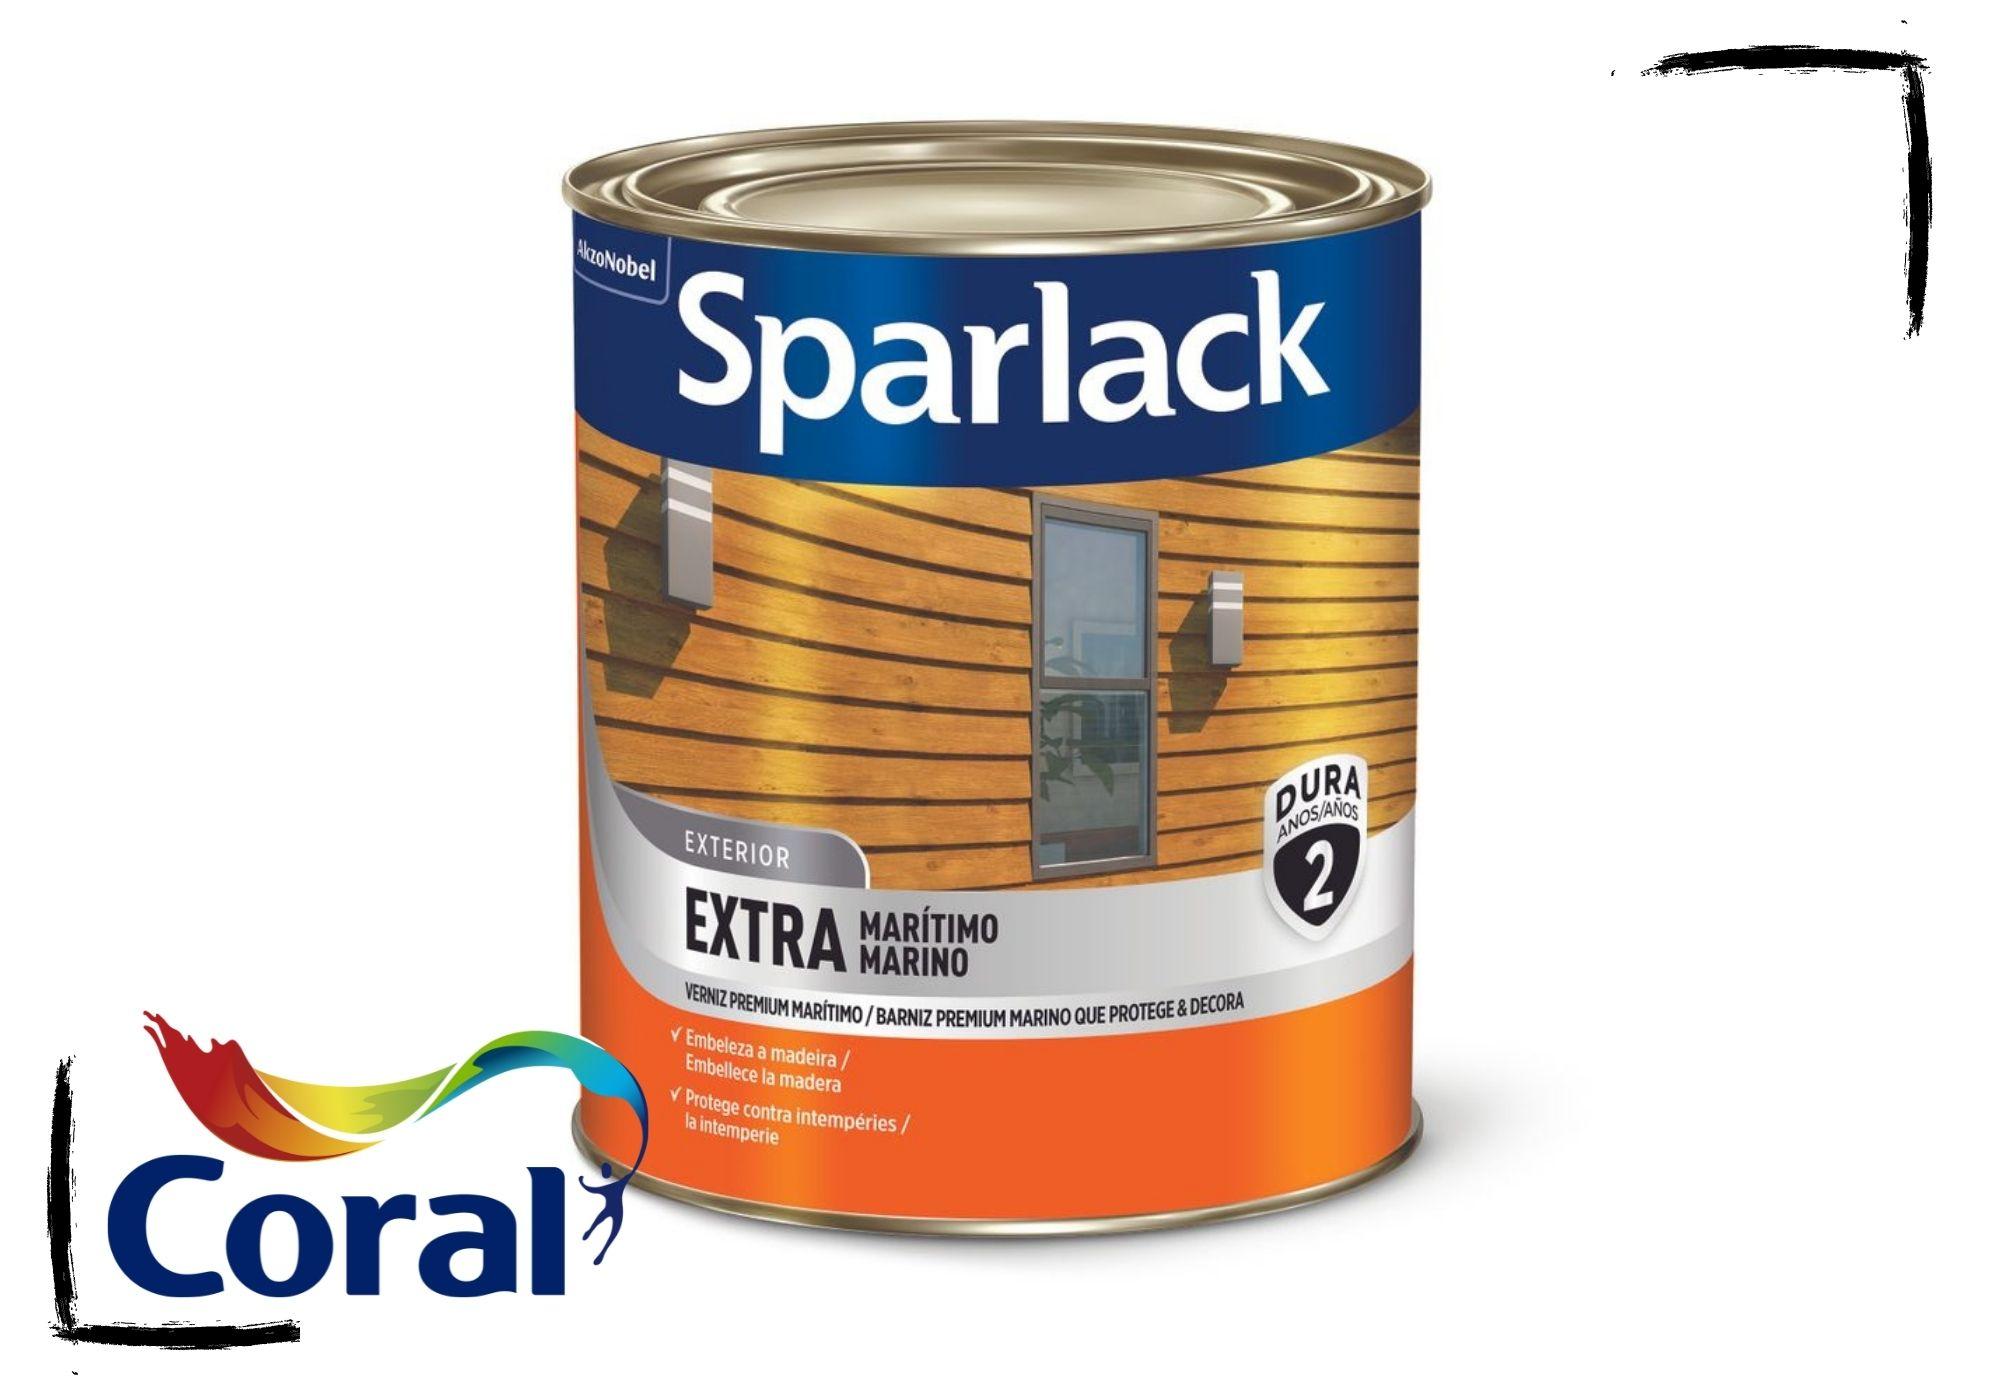 Sparlack Verniz Extra Marítimo Natural e Cores Brilho 900ml